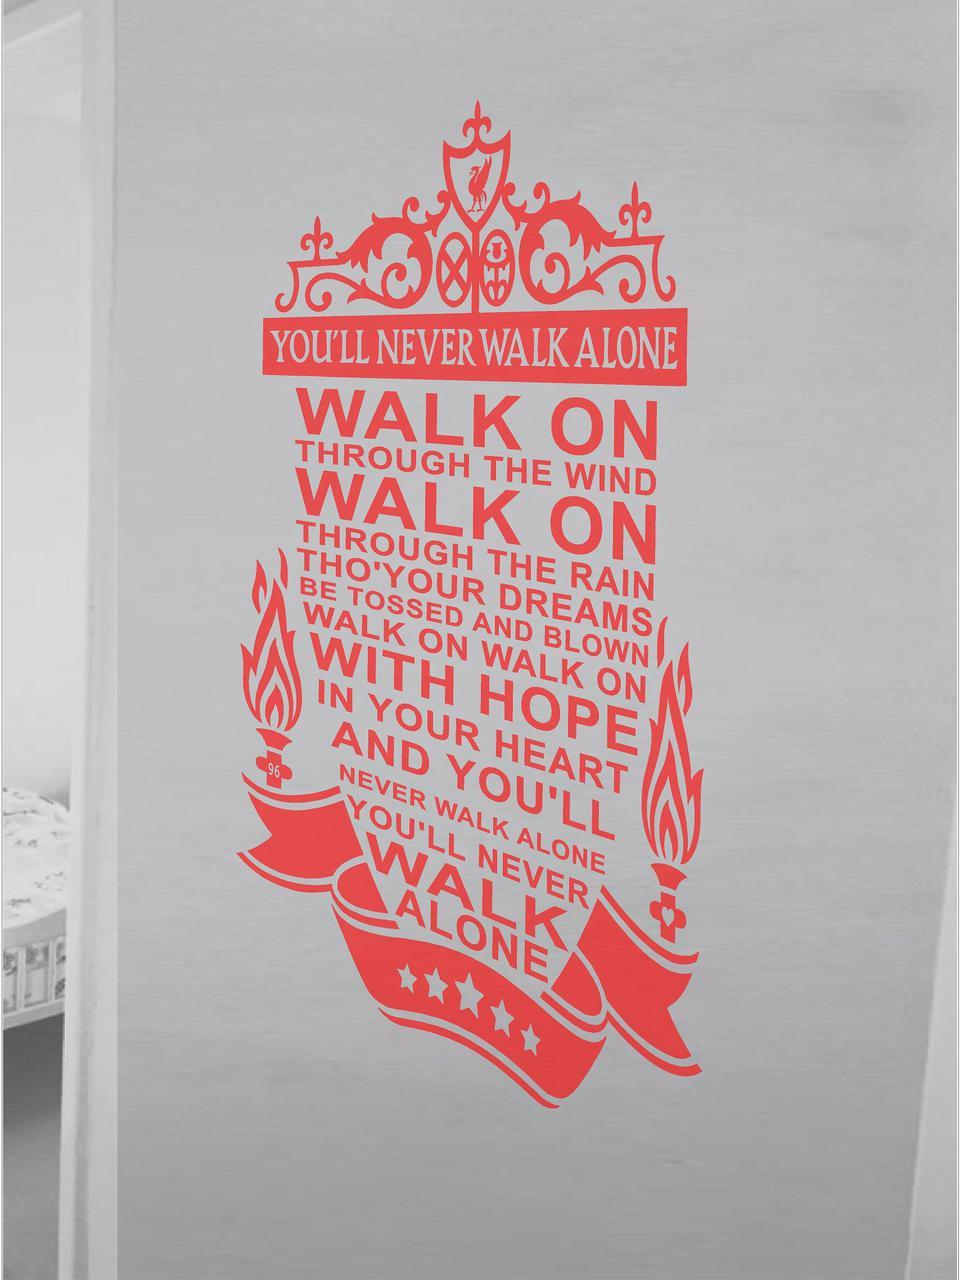 Liverpool You'll Never Walk Alone - totesamazewalls